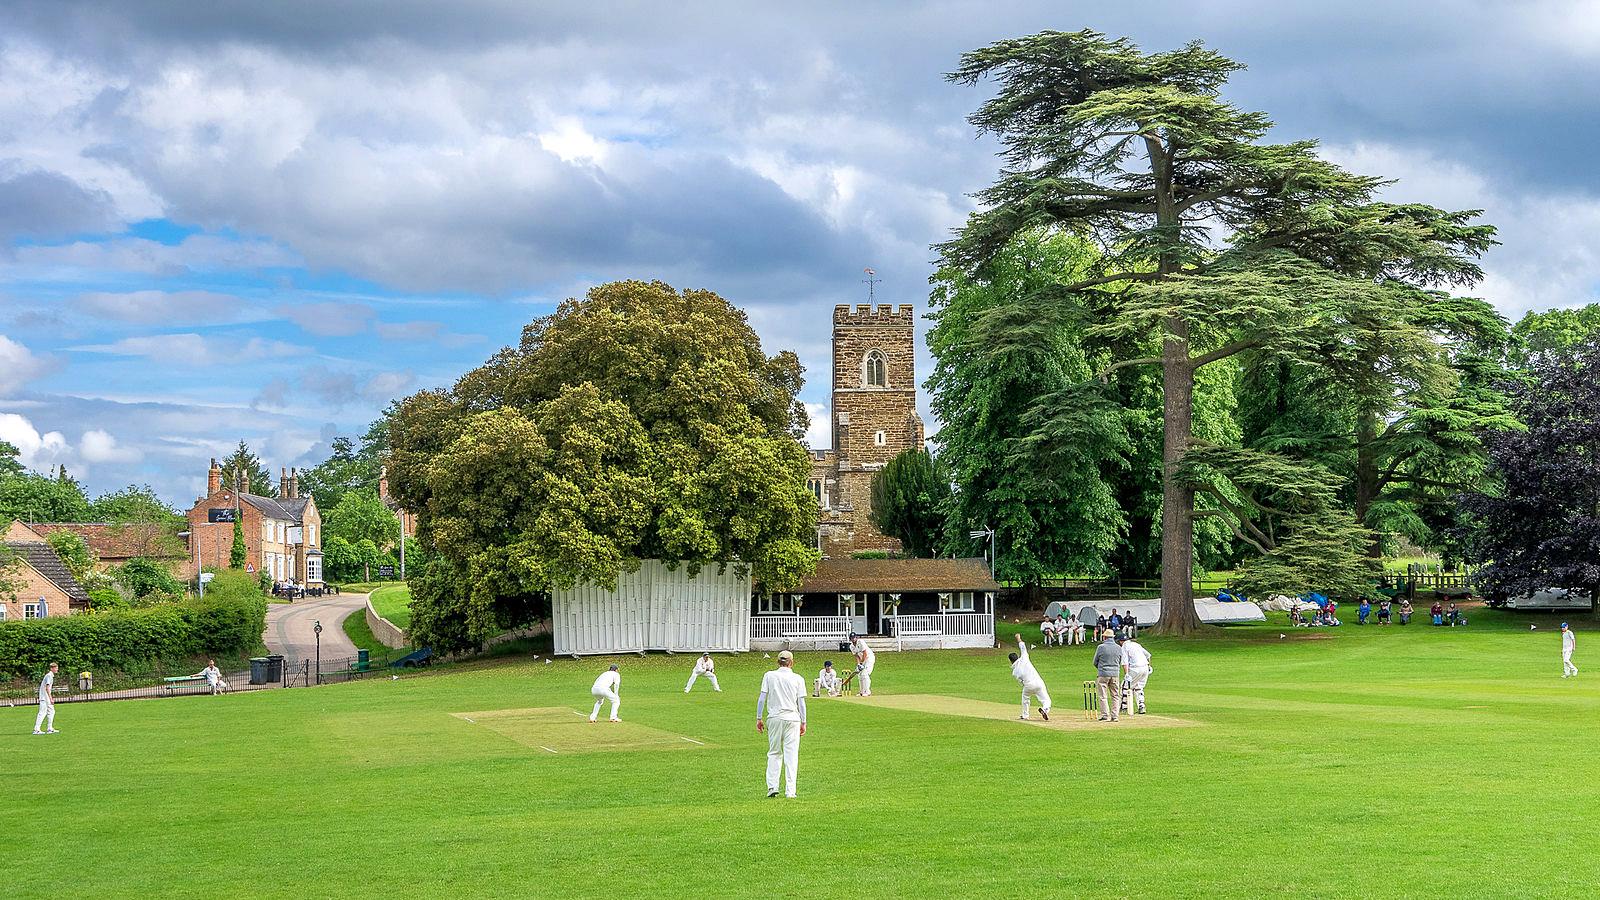 Village Cricket, Eversholt, Bedfordshire by Ken Barley.jpg